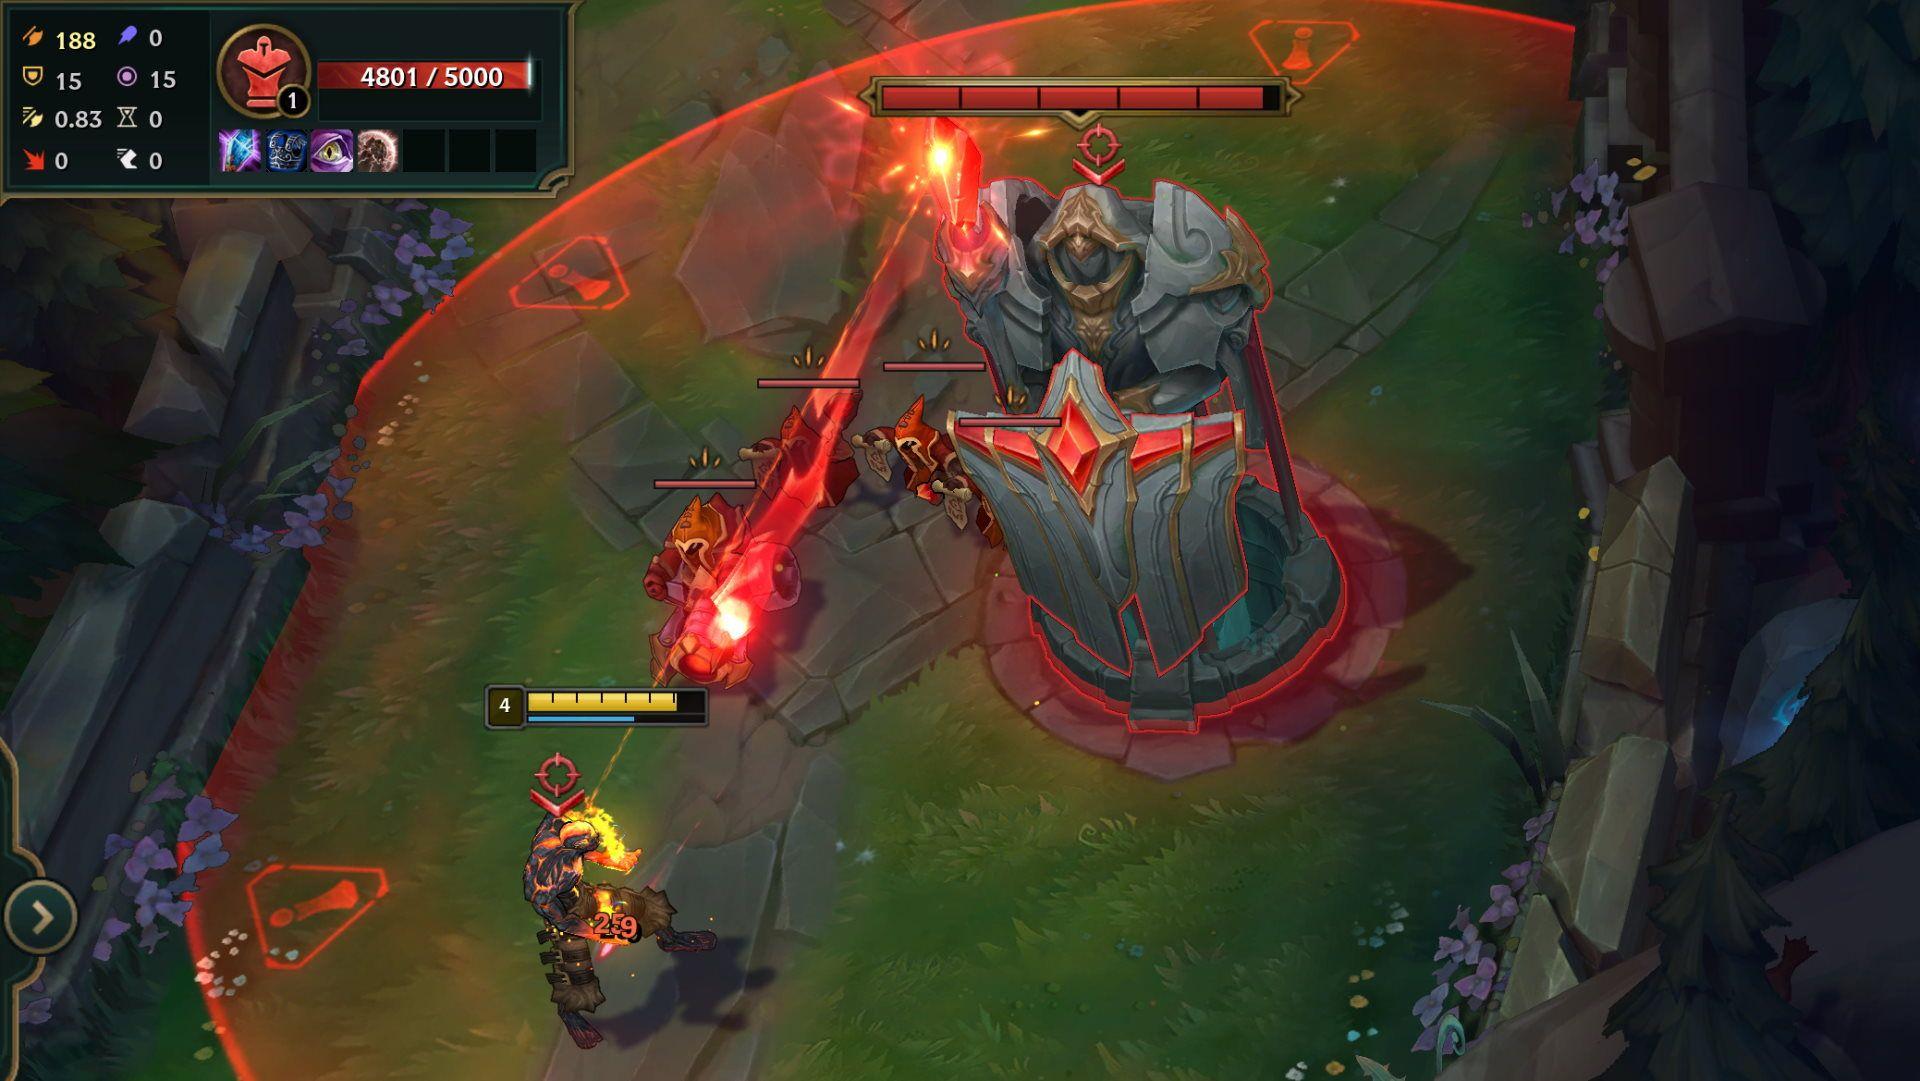 Champion Brand wird in League of Legends vom Tier 1 Turm angegriffen.